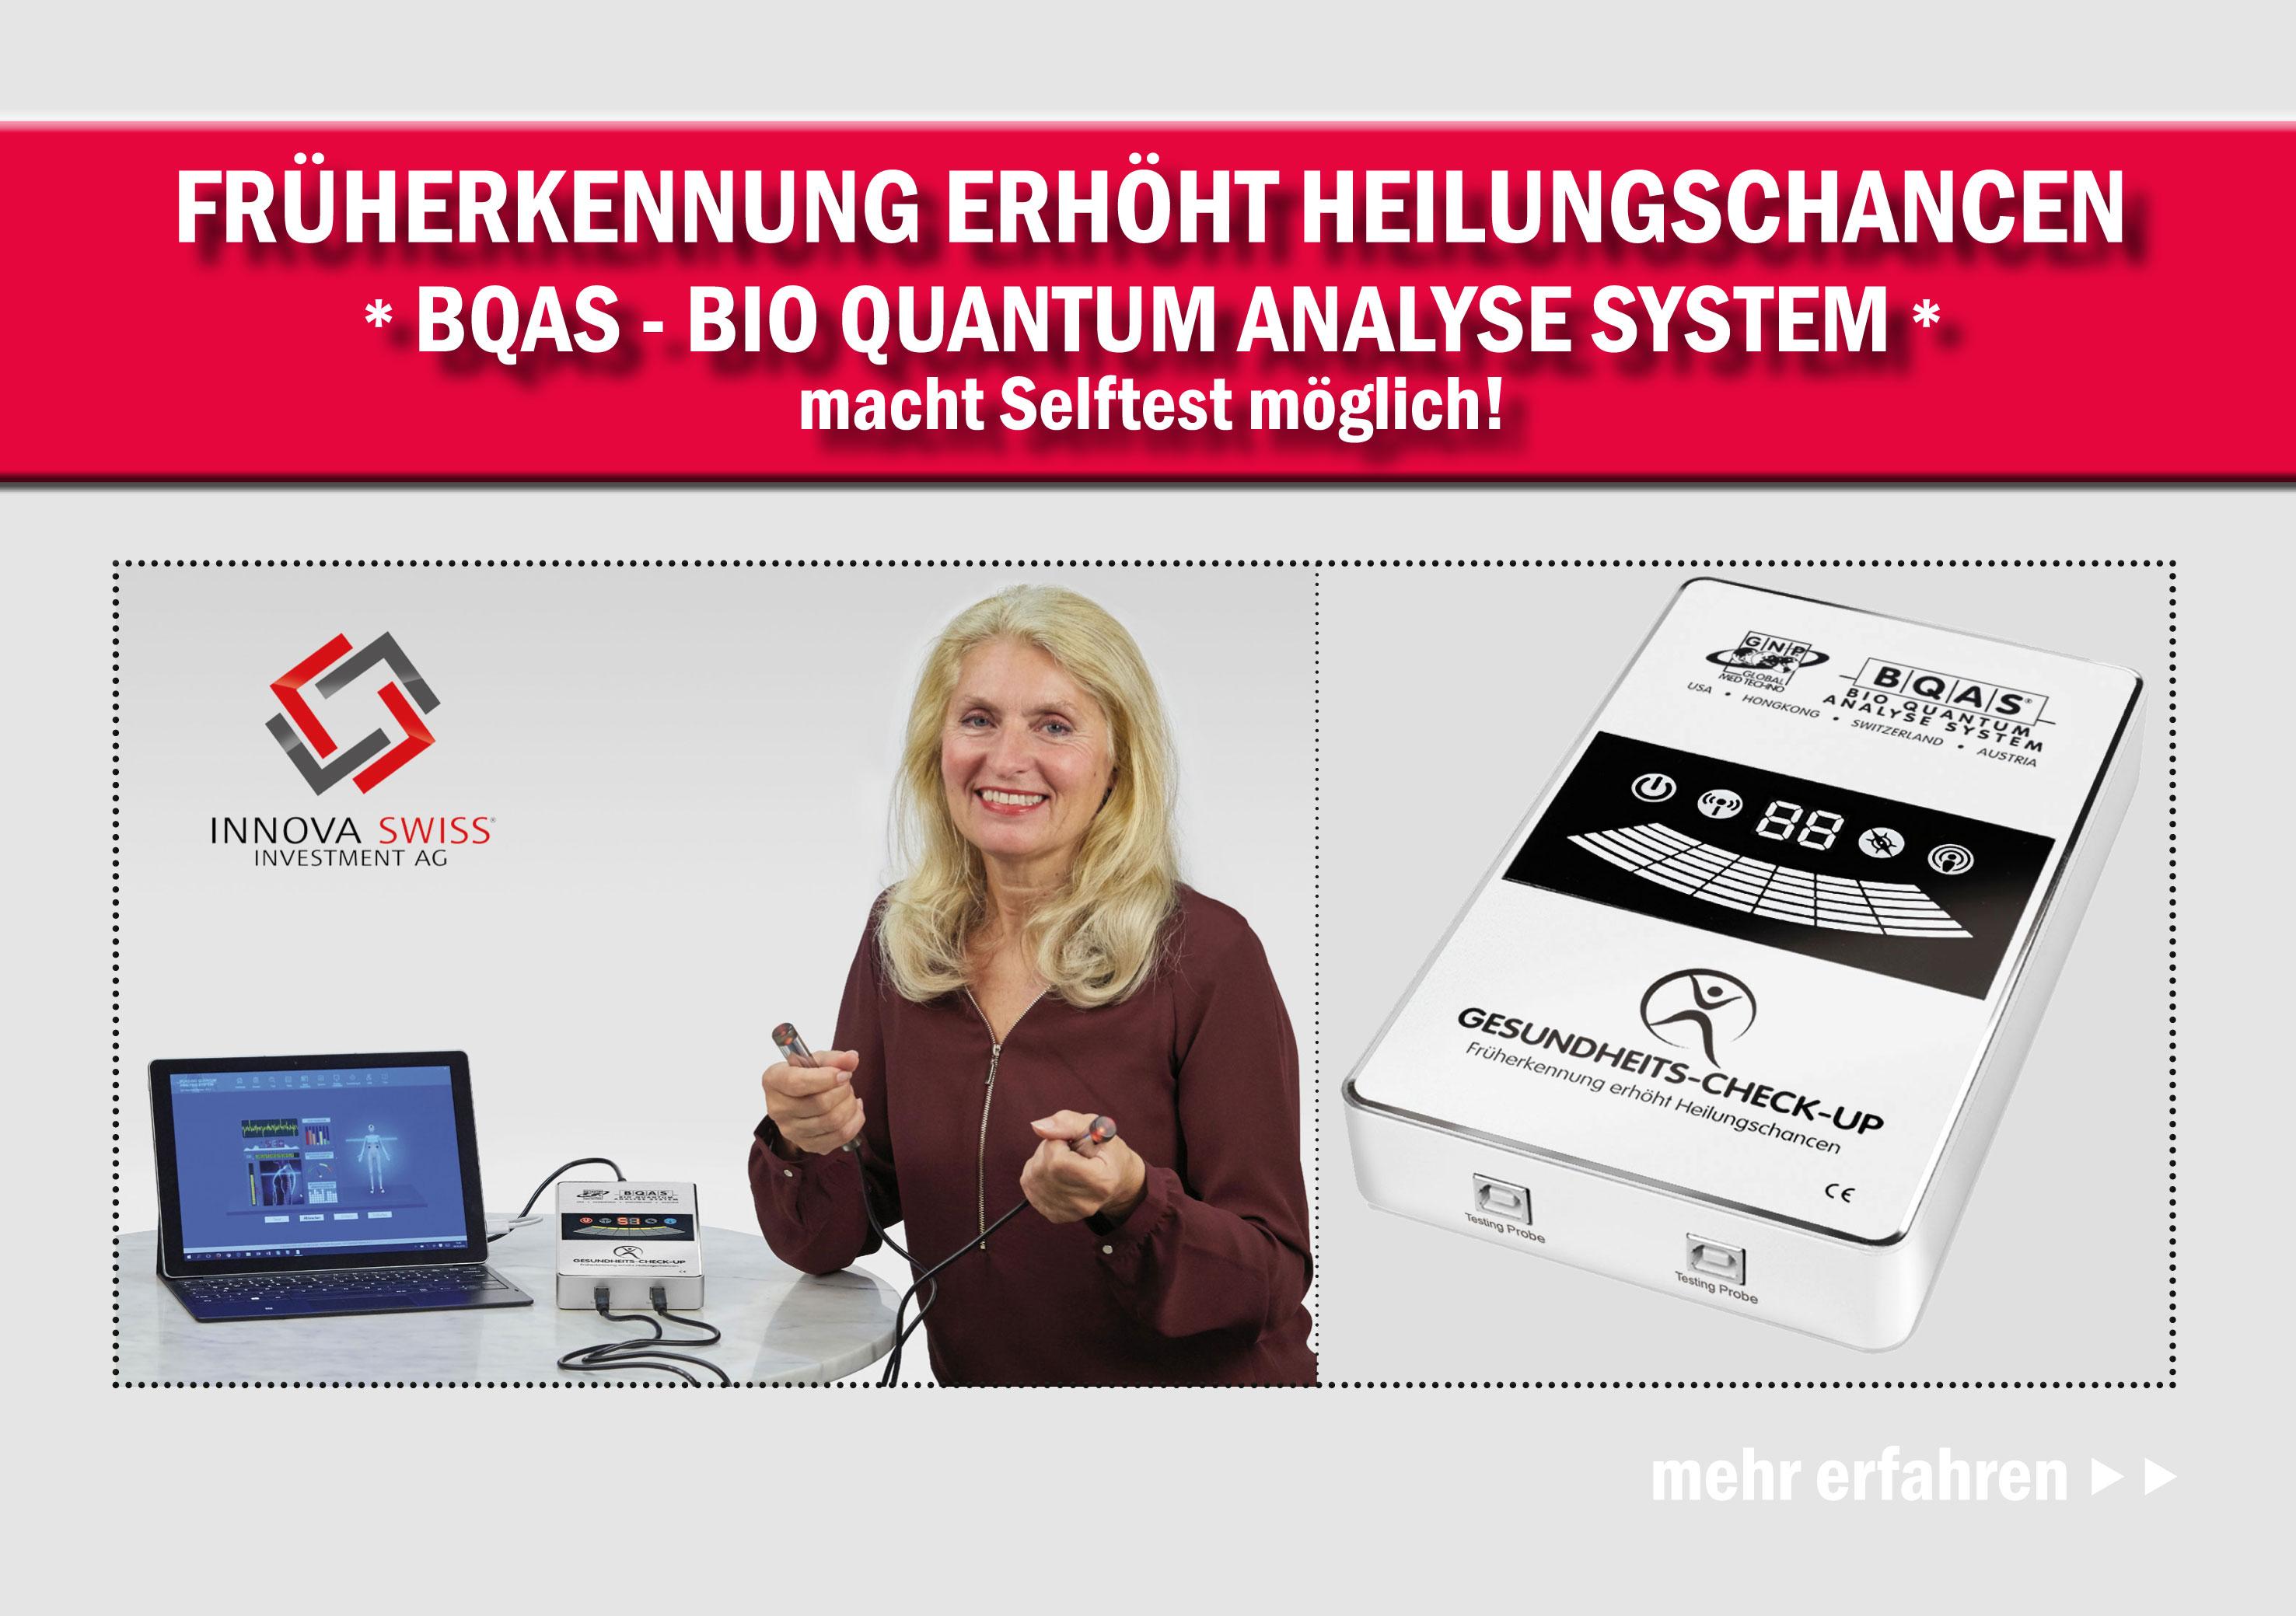 BQAS Bio Quantum Analyse System